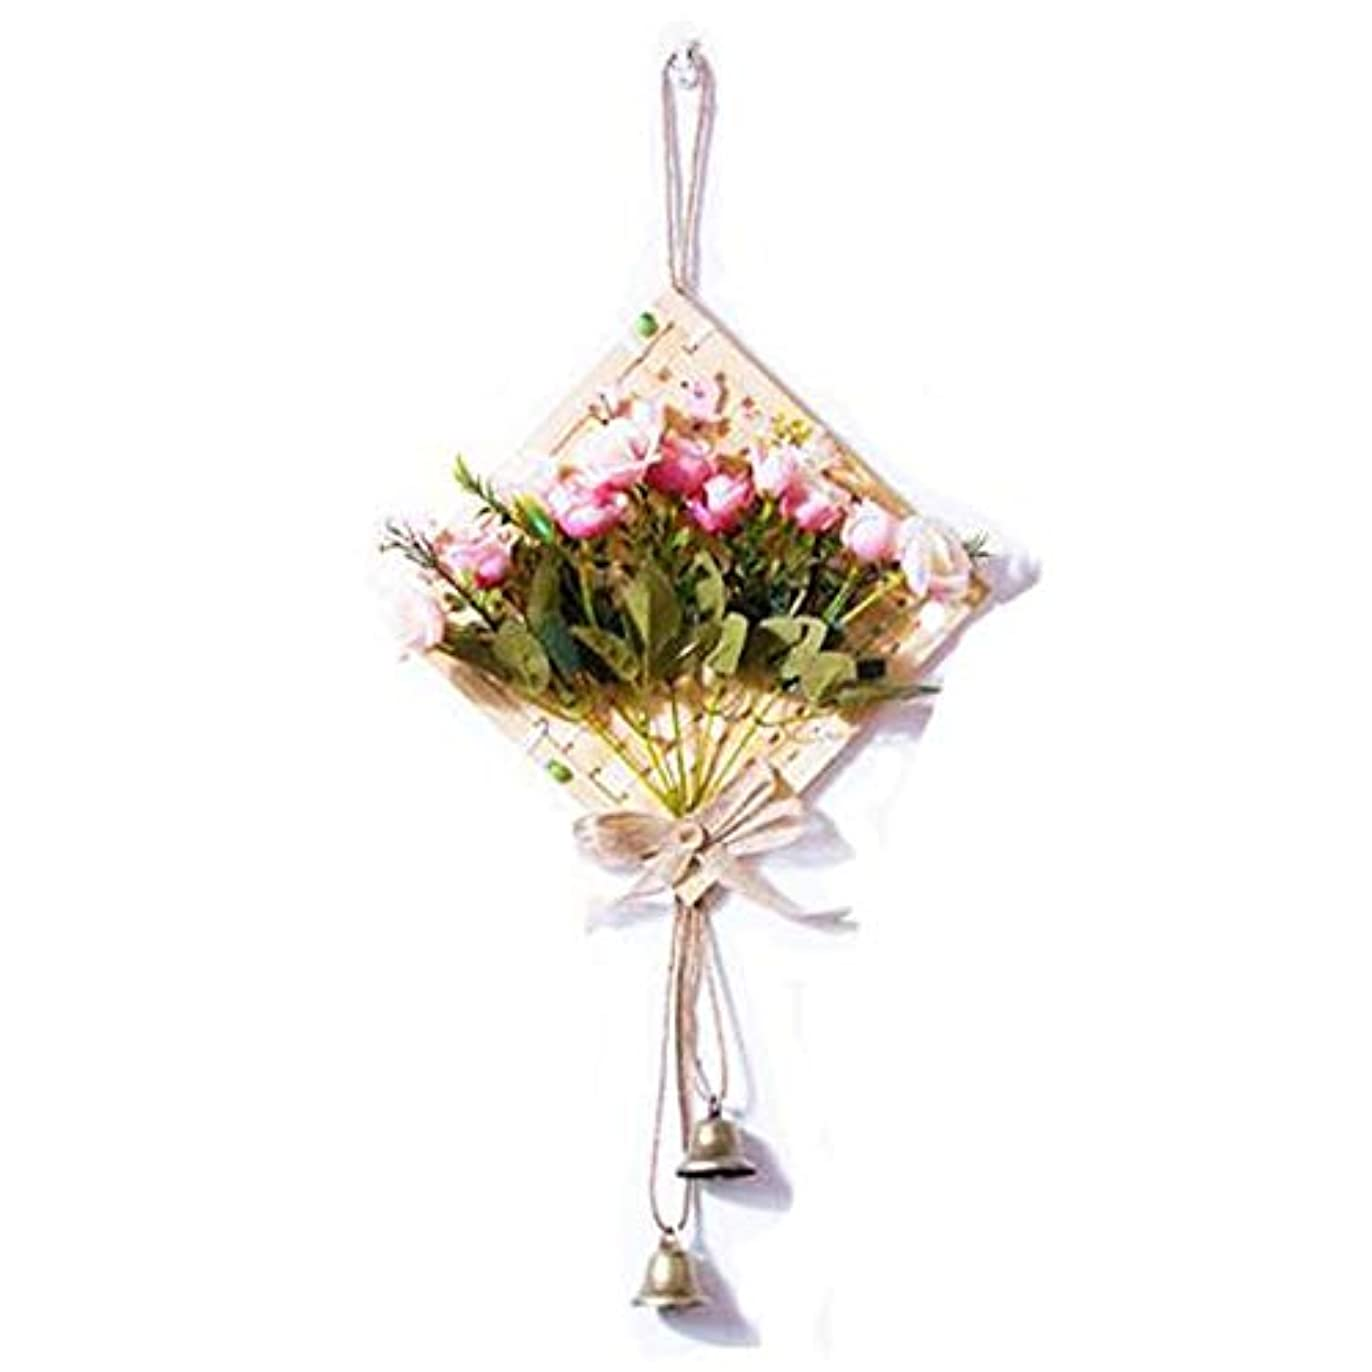 制限する優先復活させるHongyushanghang 風チャイム、クリエイティブ?竹風チャイム、白、幅28.5cmくらい,、ジュエリークリエイティブホリデーギフトを掛ける (Color : Pink)